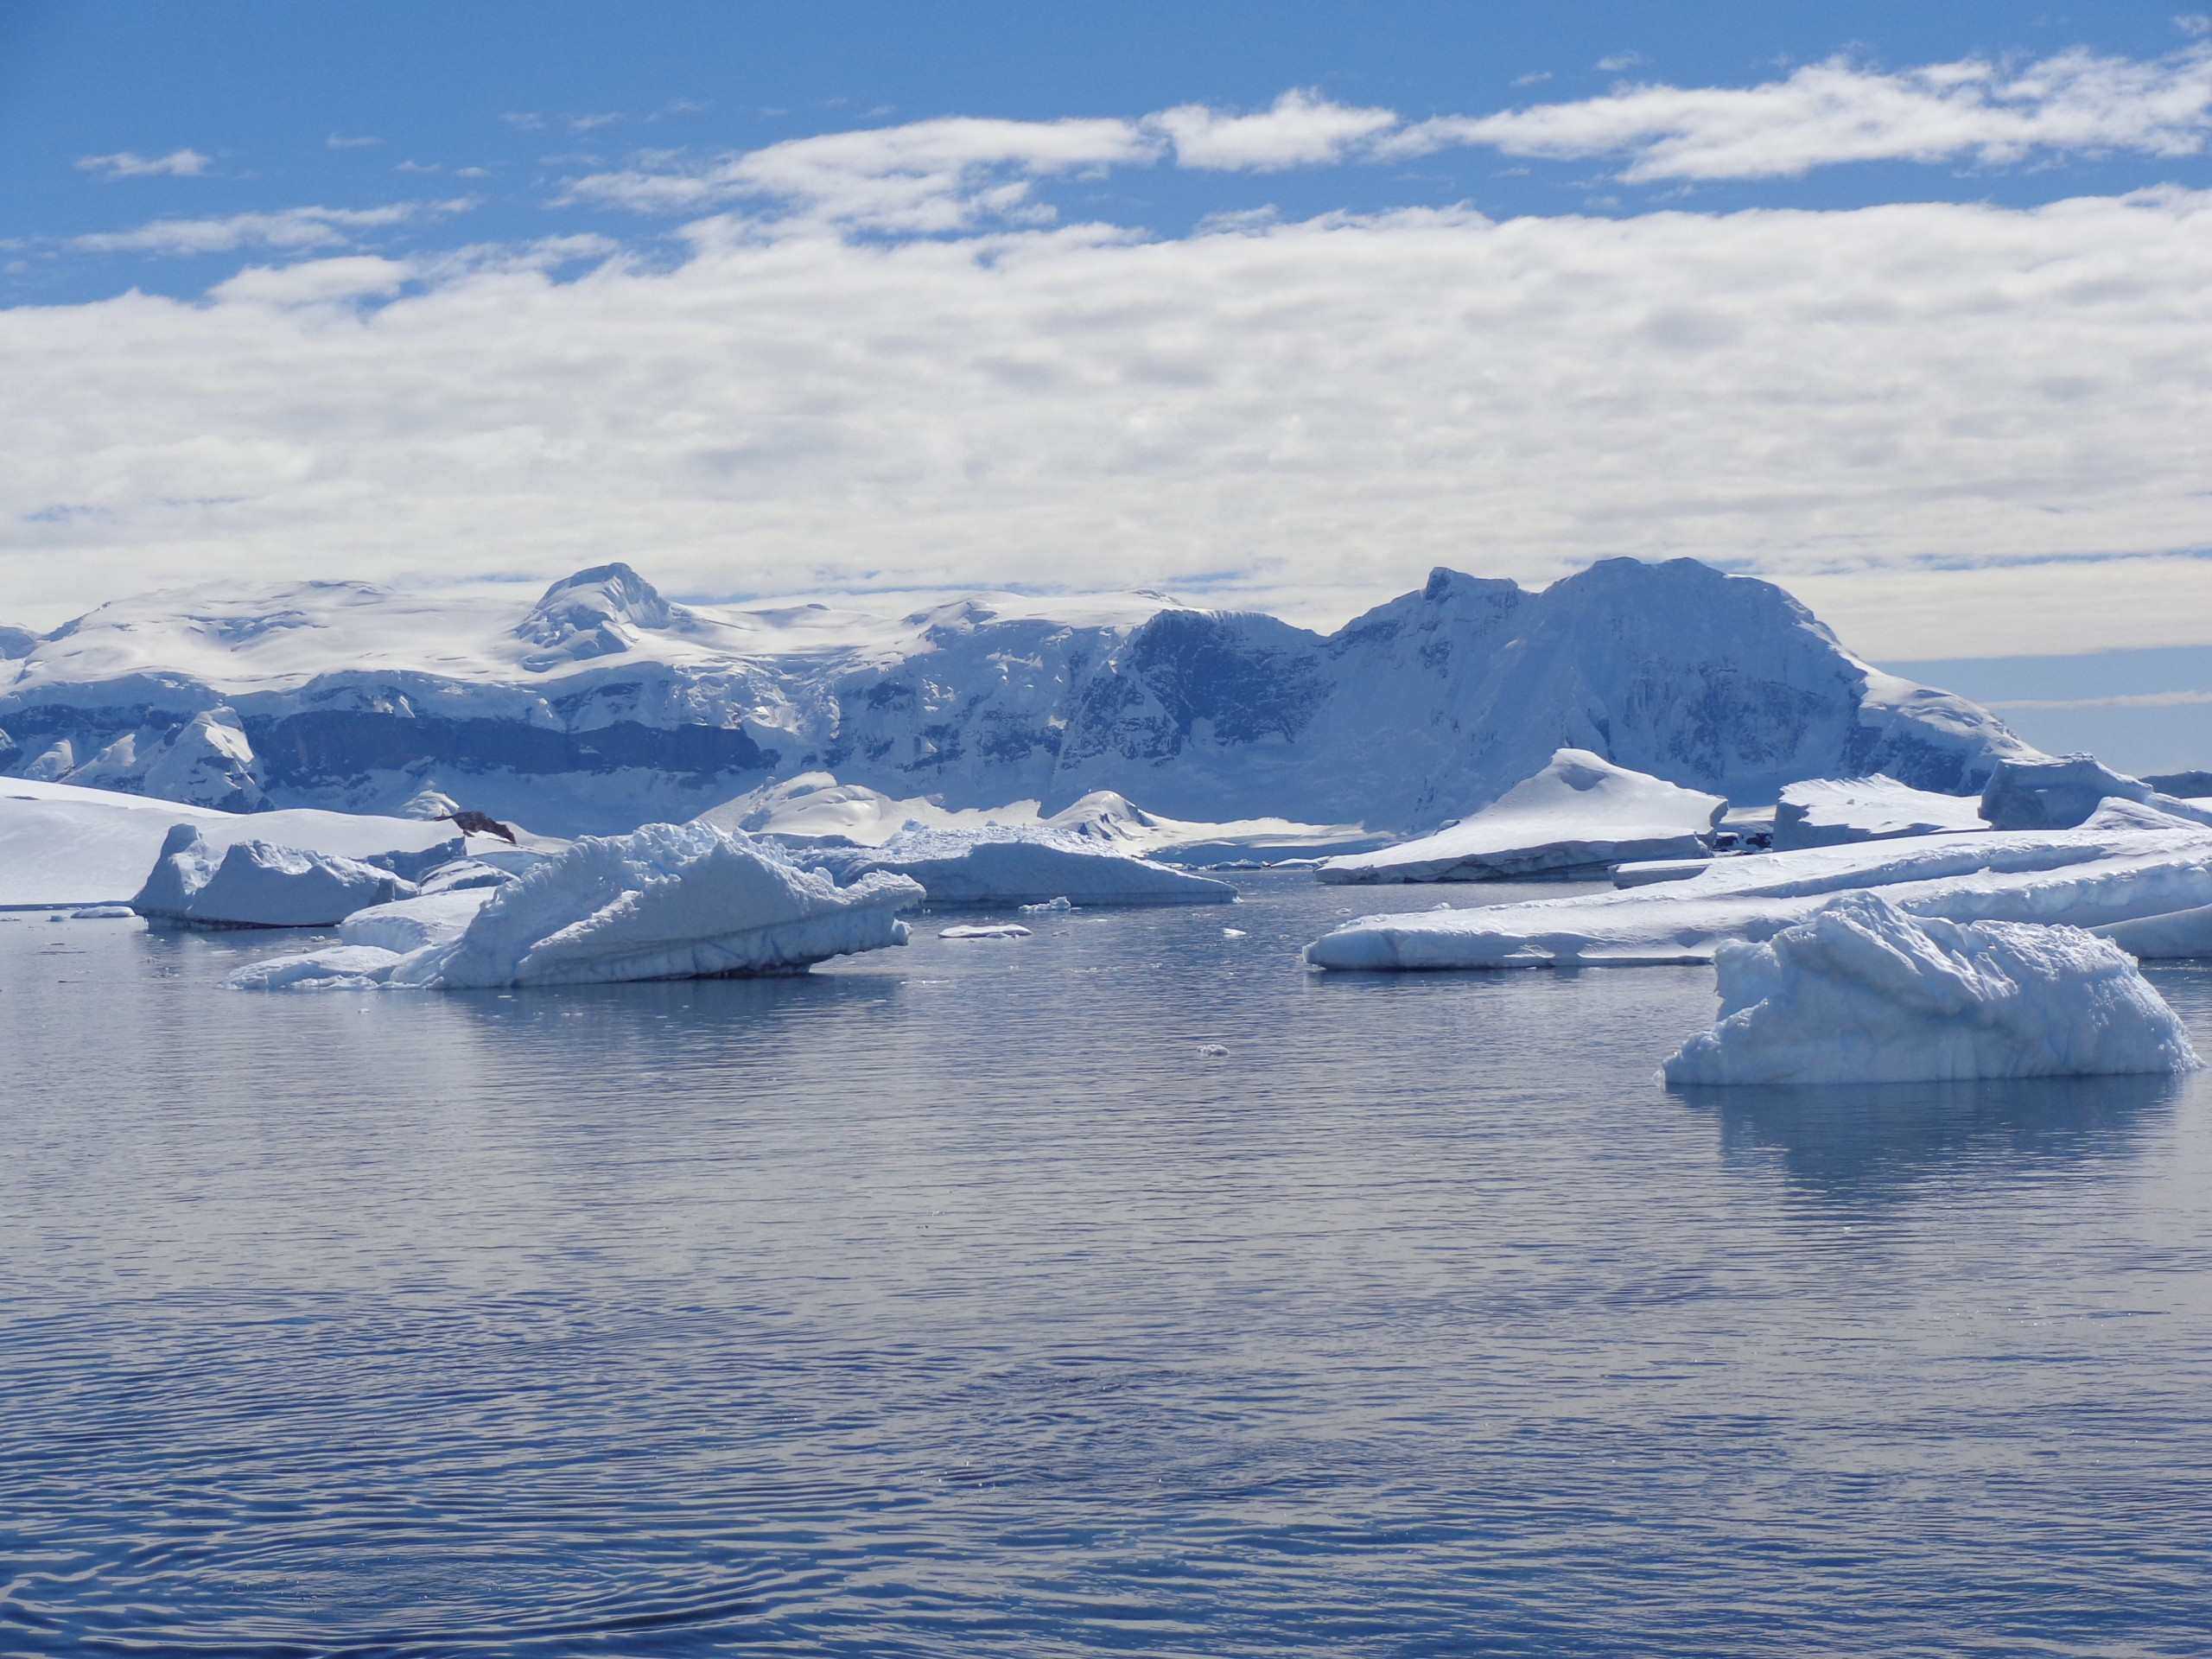 Icebergs in the Arctic Ocean